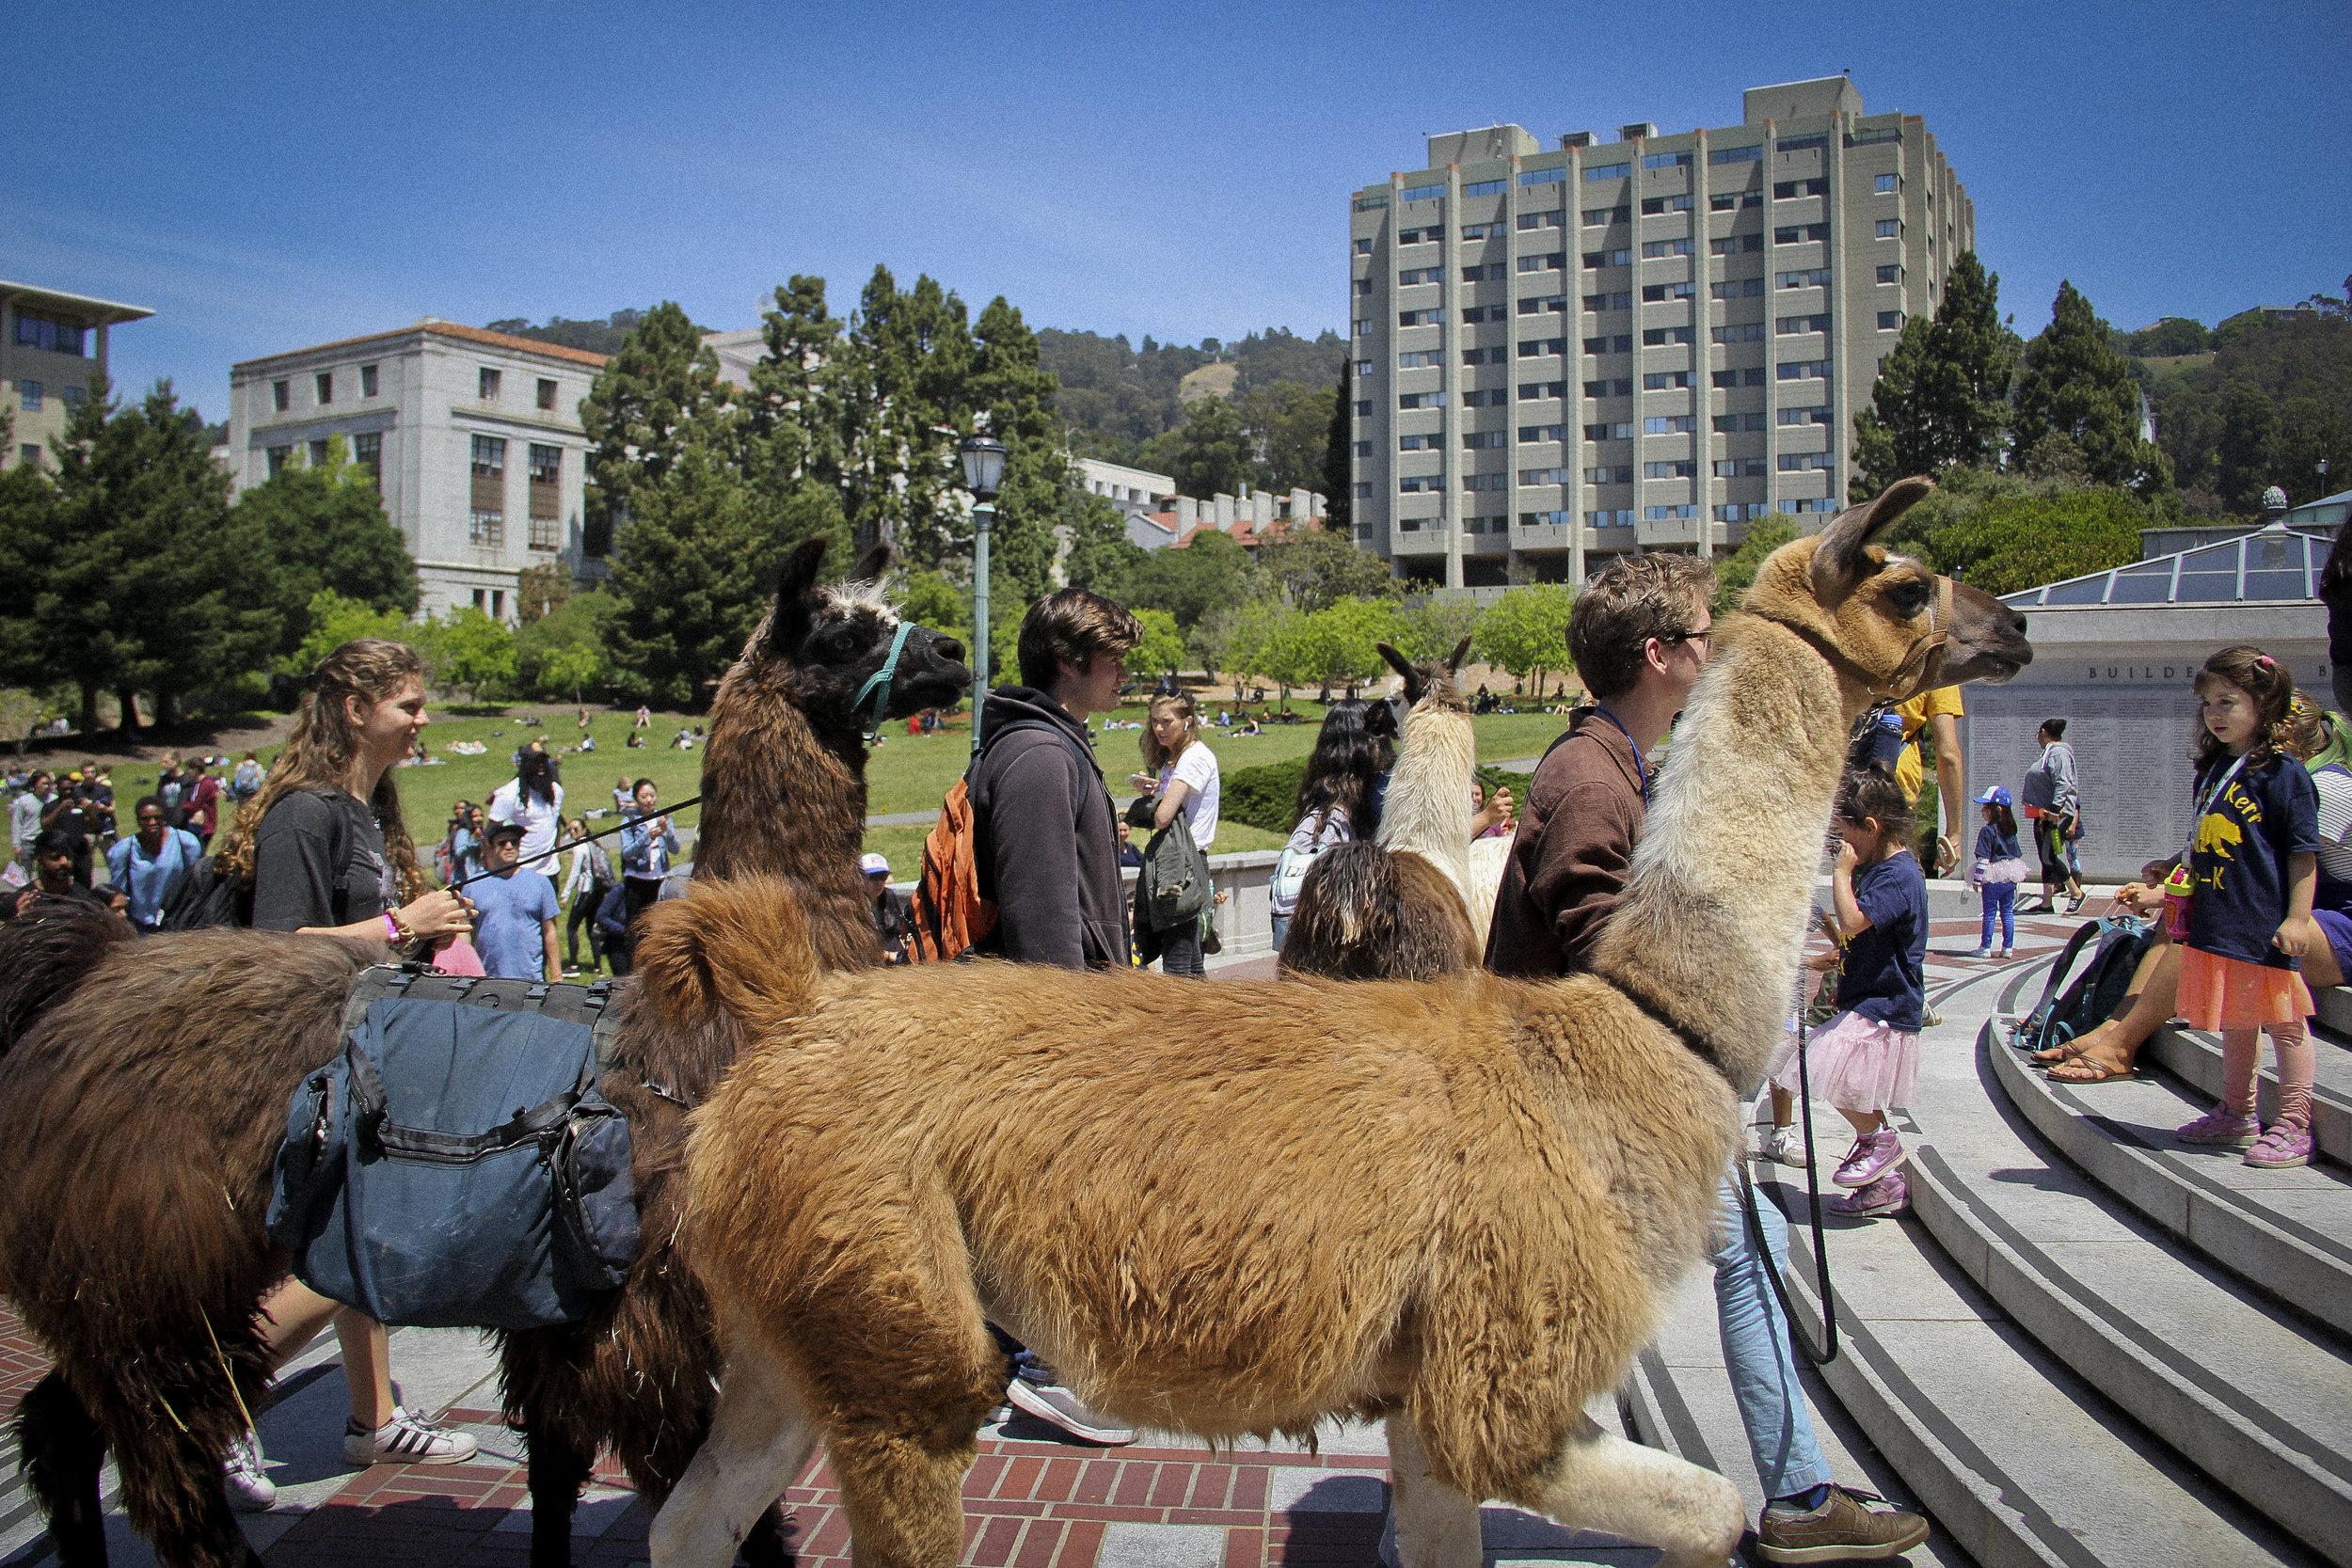 Llamas of Circle Home Berkeley _5.jpg